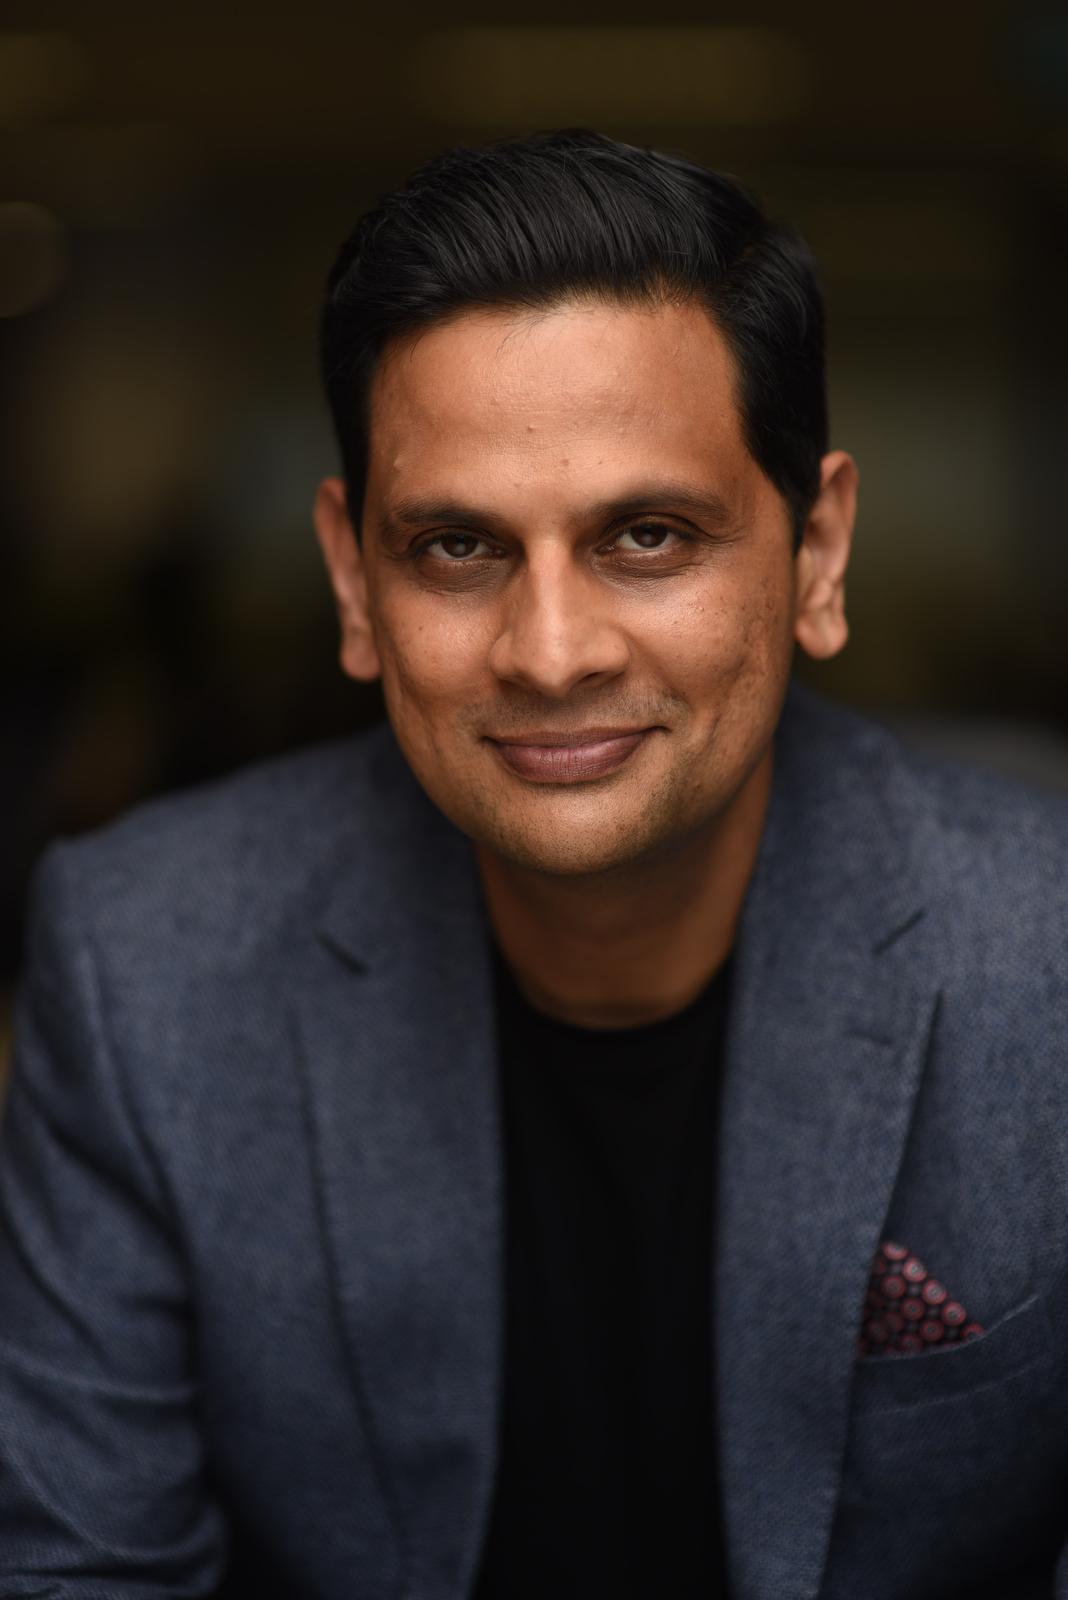 Hari V. Krishnan, CEO and Managing Director, PropertyGuru Group